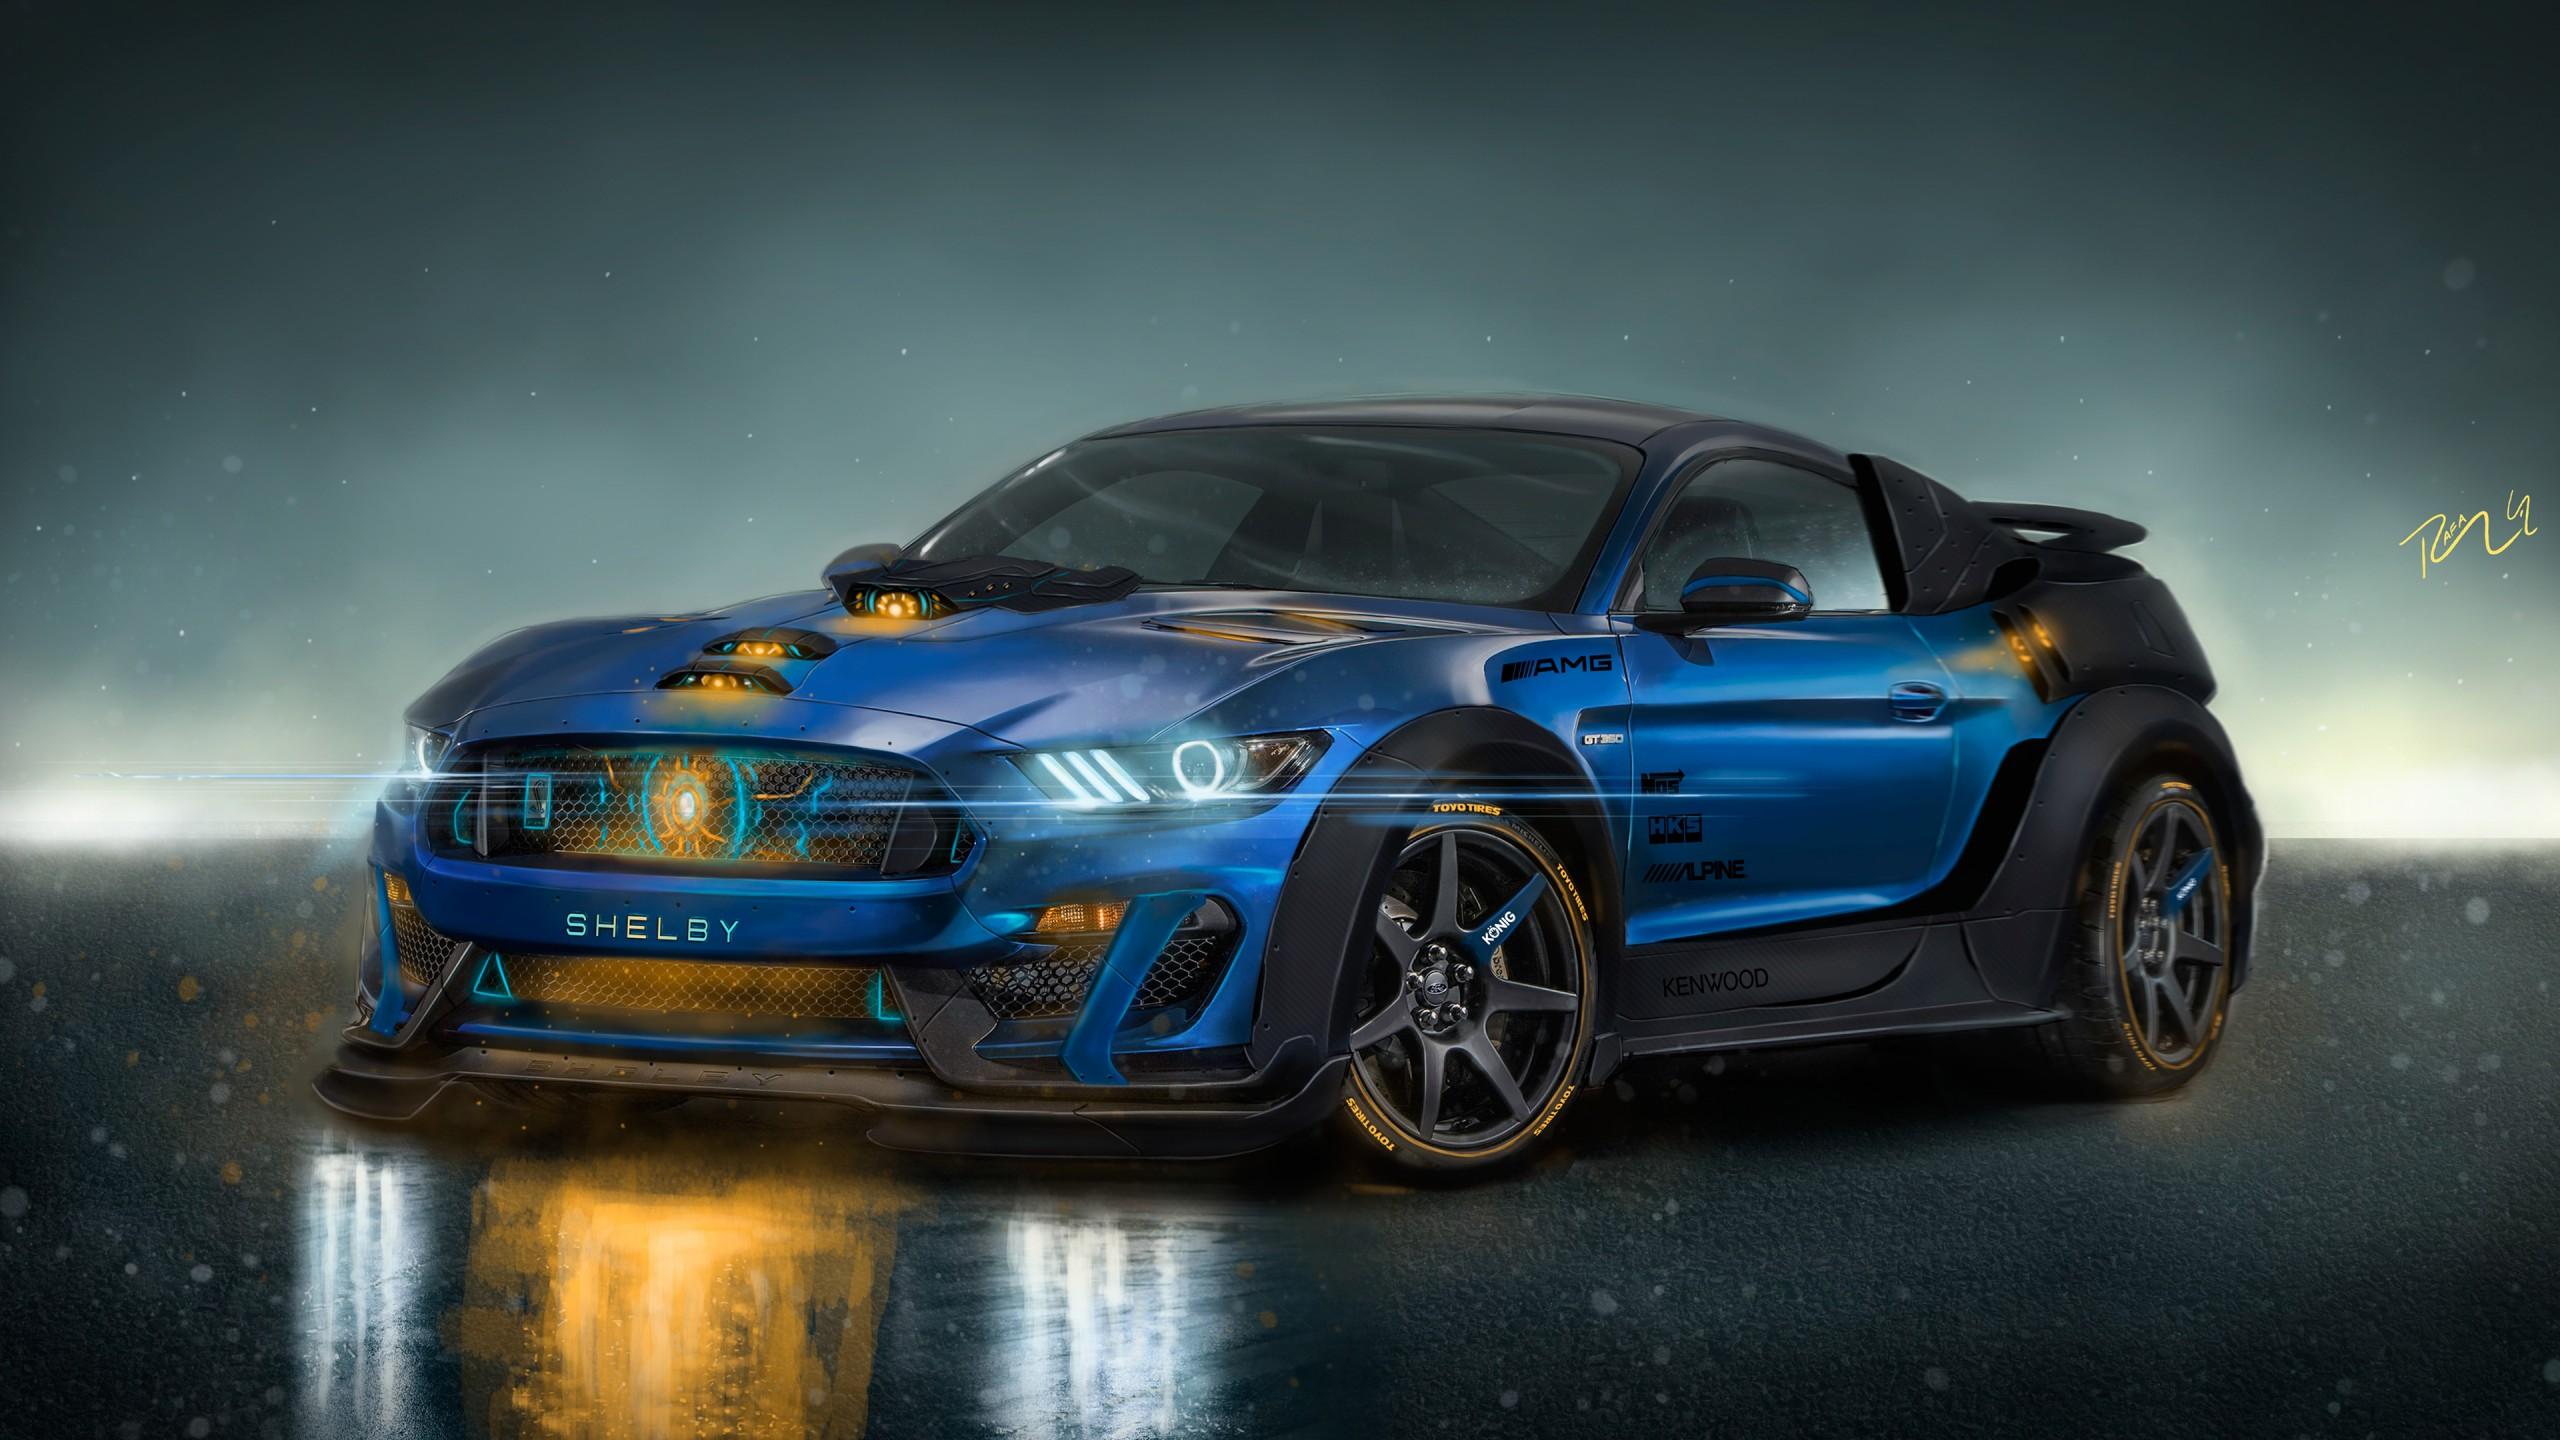 Shelby GT500R Custom CGI 4K Wallpaper